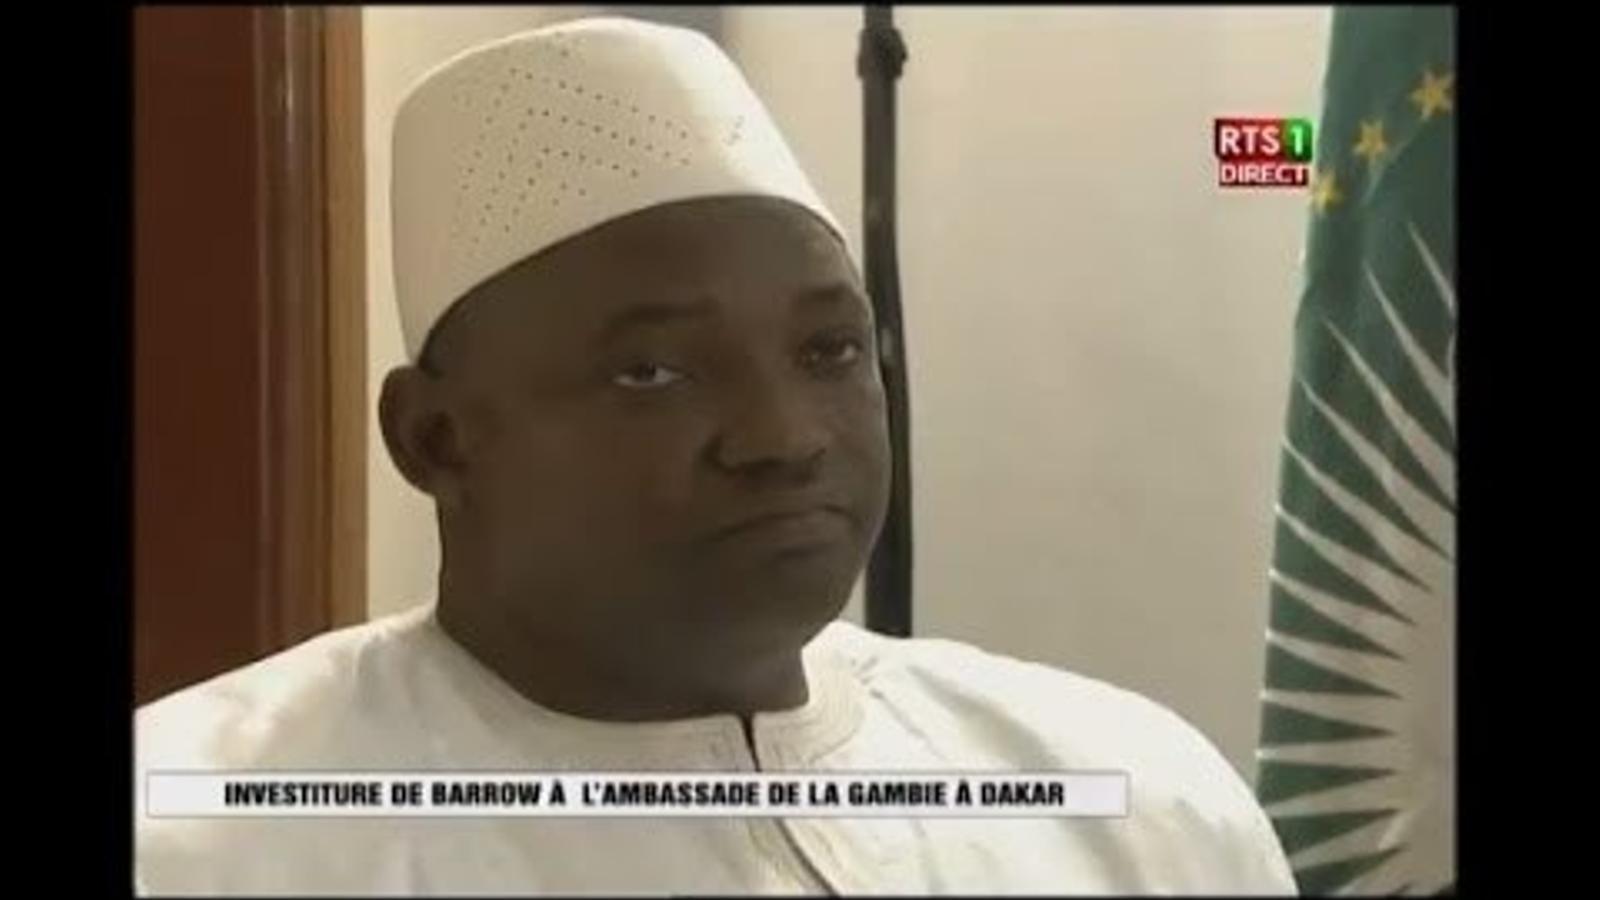 El president electe de Gàmbia jura el càrrec  a Dakar